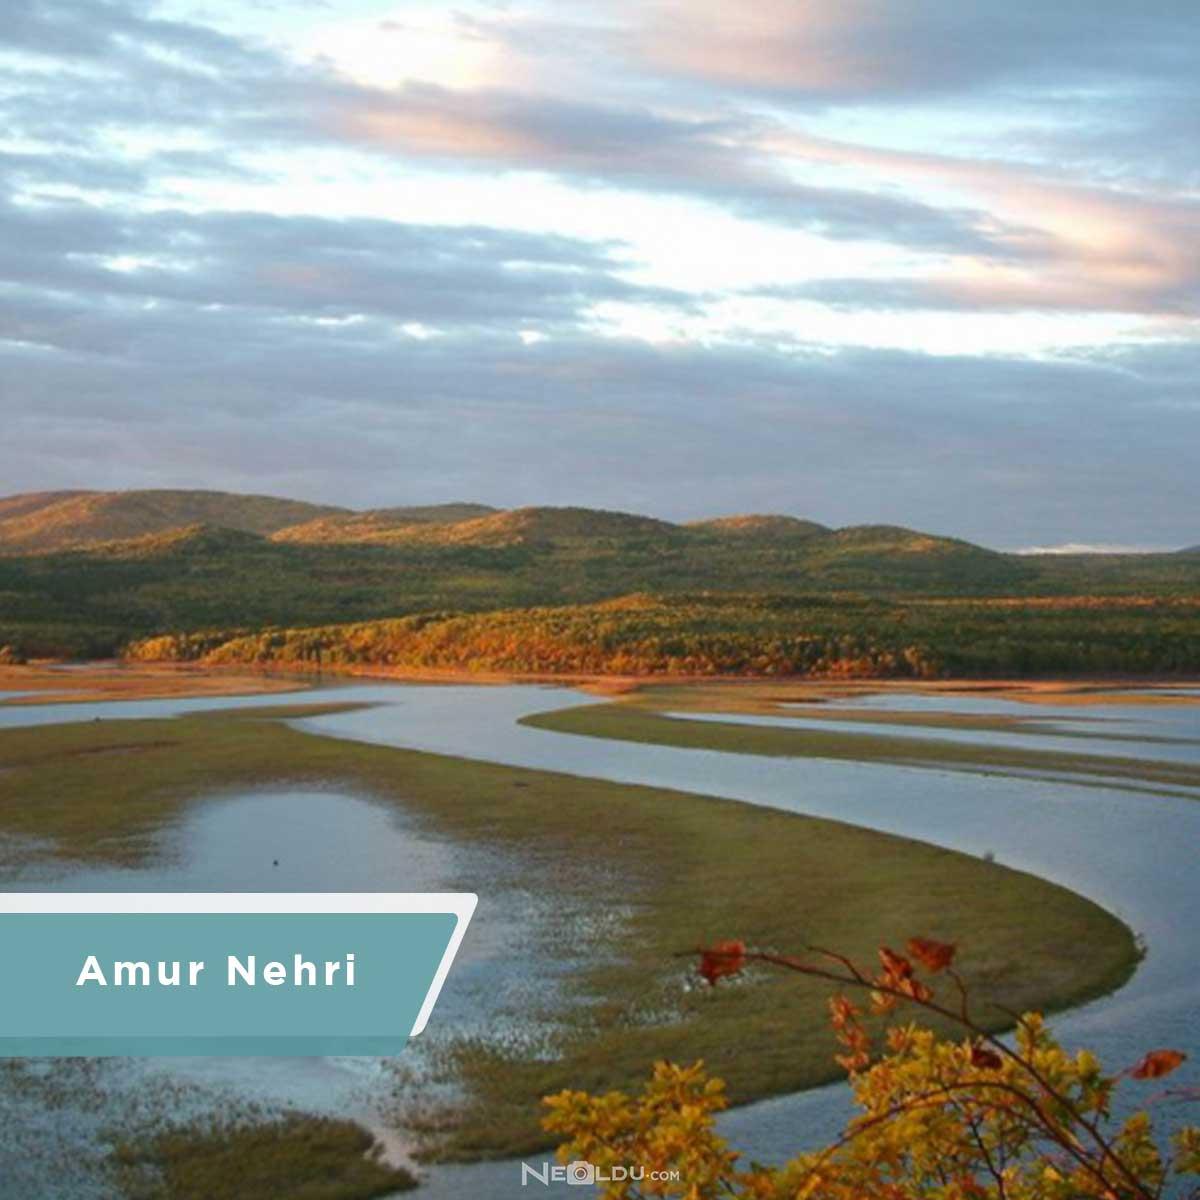 amur-nehri.jpg